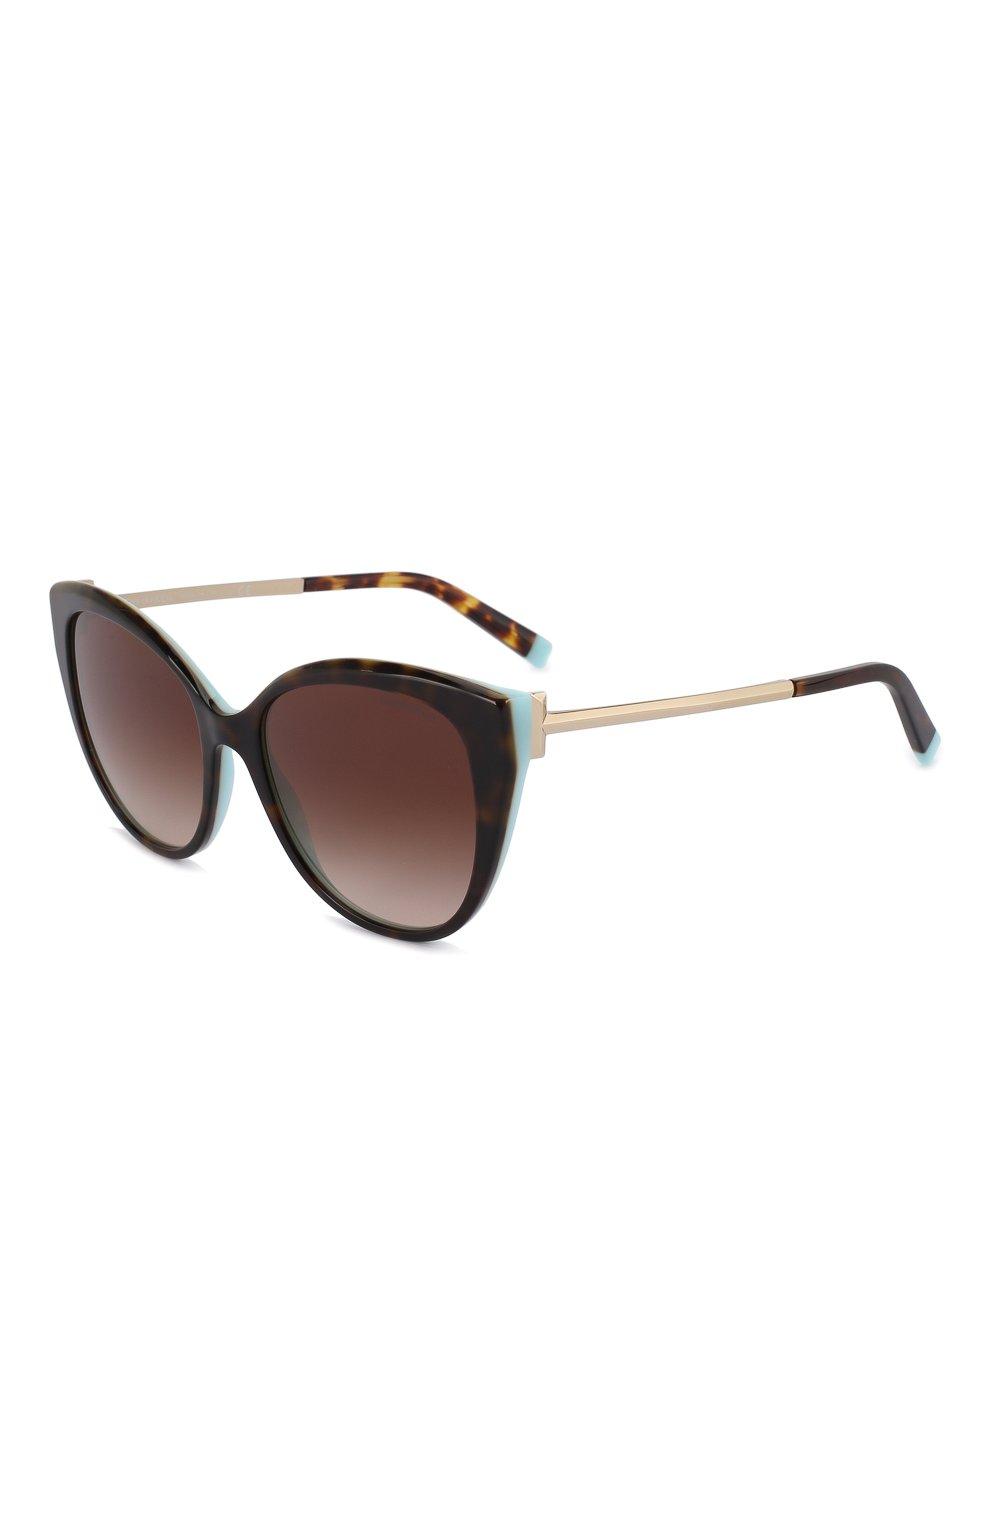 Женские солнцезащитные очки TIFFANY & CO. коричневого цвета, арт. 4166-81343B | Фото 1